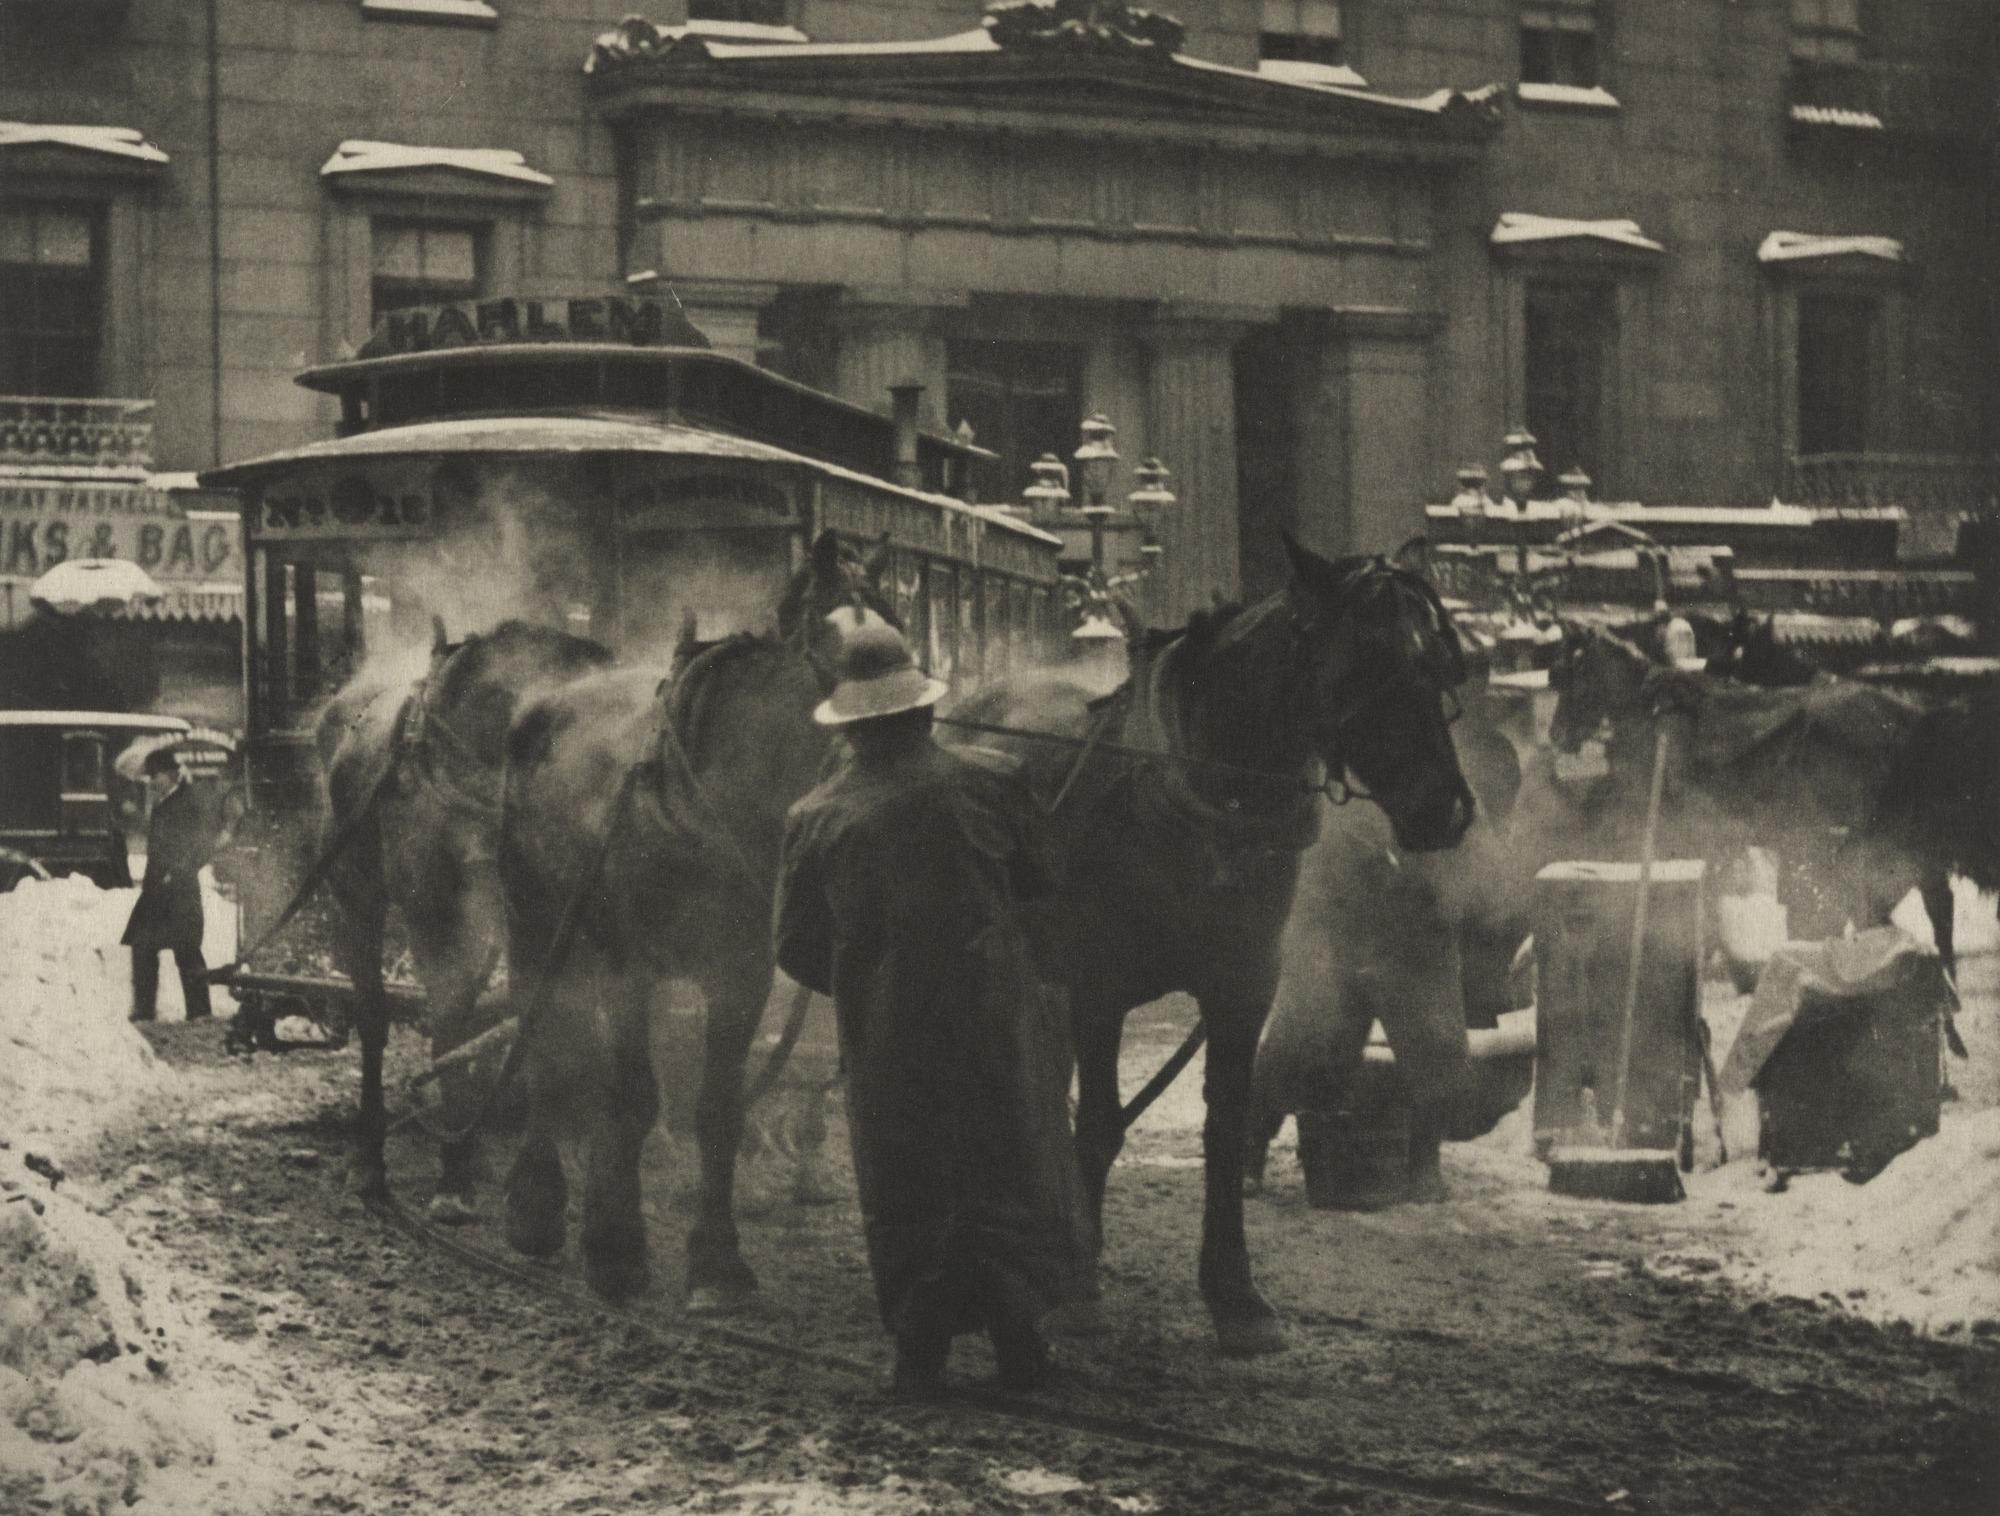 1892. Терминал, Нью-Йорк